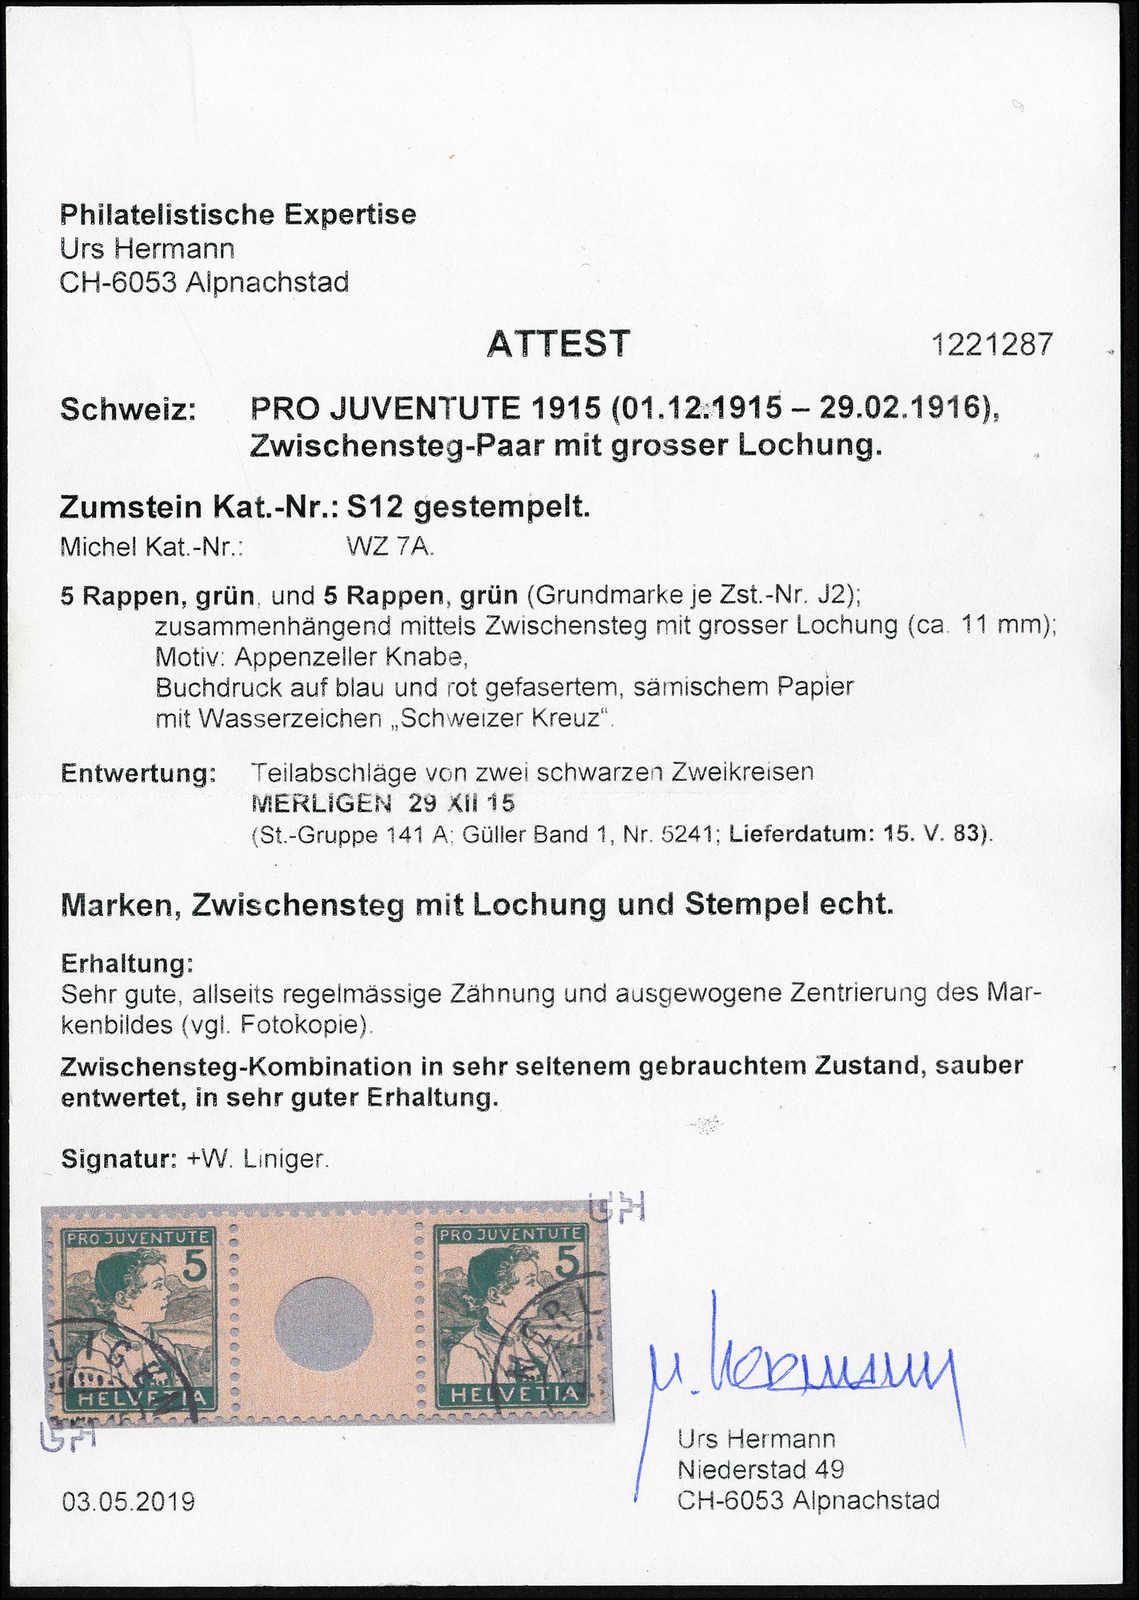 Lot 159 - schweiz schweiz pro juventute -  Rolli Auctions Auction #68 Day 1